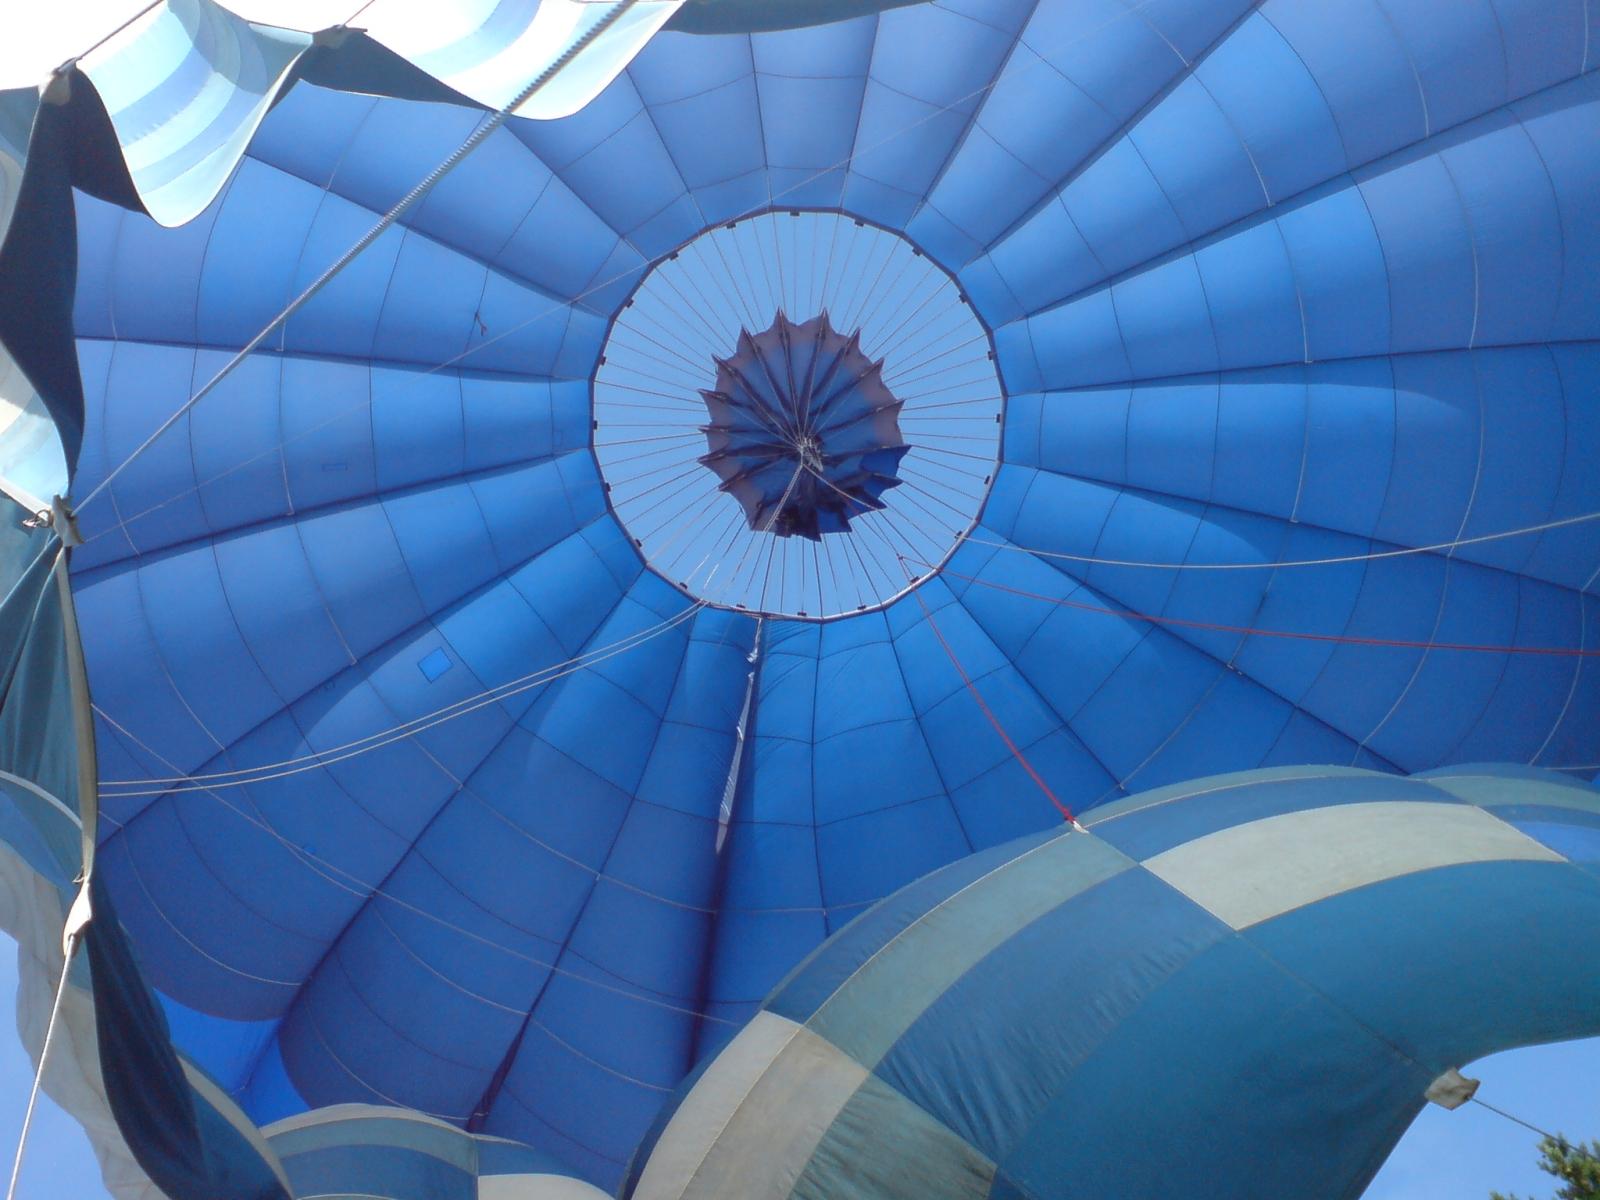 Top_Venting_Of_A_Hot_Air_Balloon.jpg